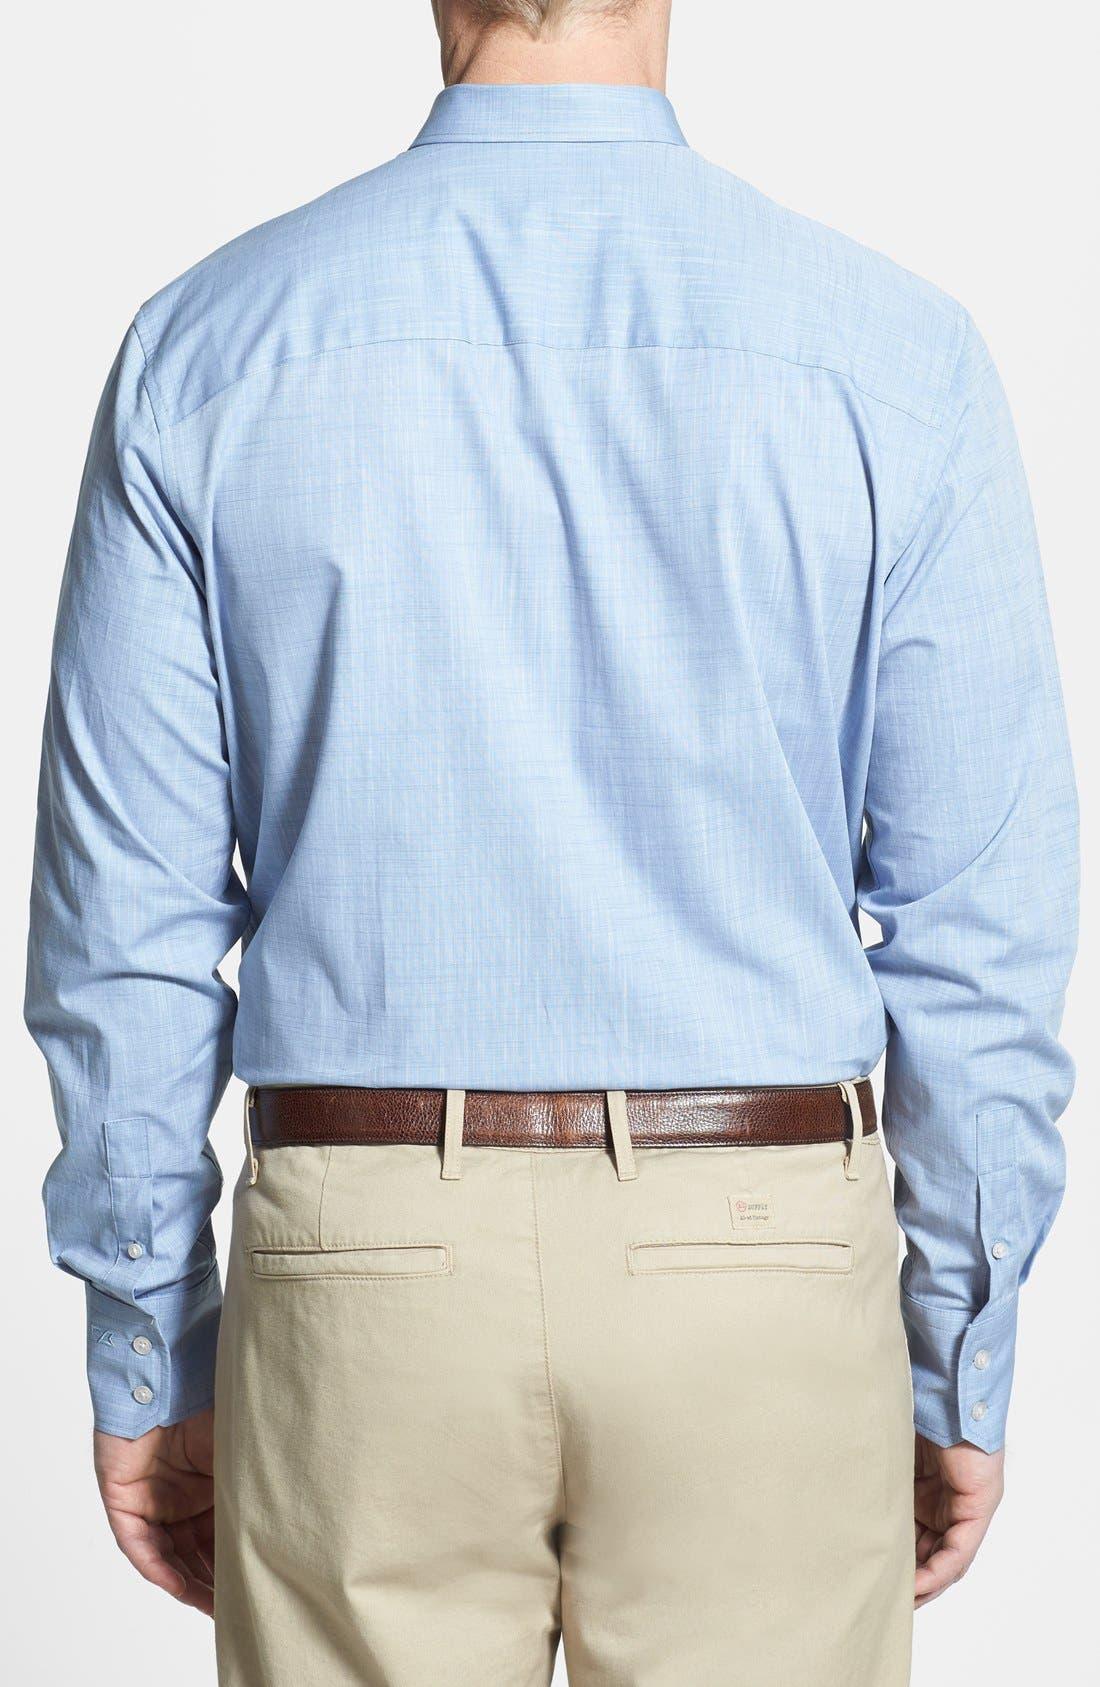 Alternate Image 2  - Cutter & Buck 'Meadows' Oxford Sport Shirt (Big & Tall)